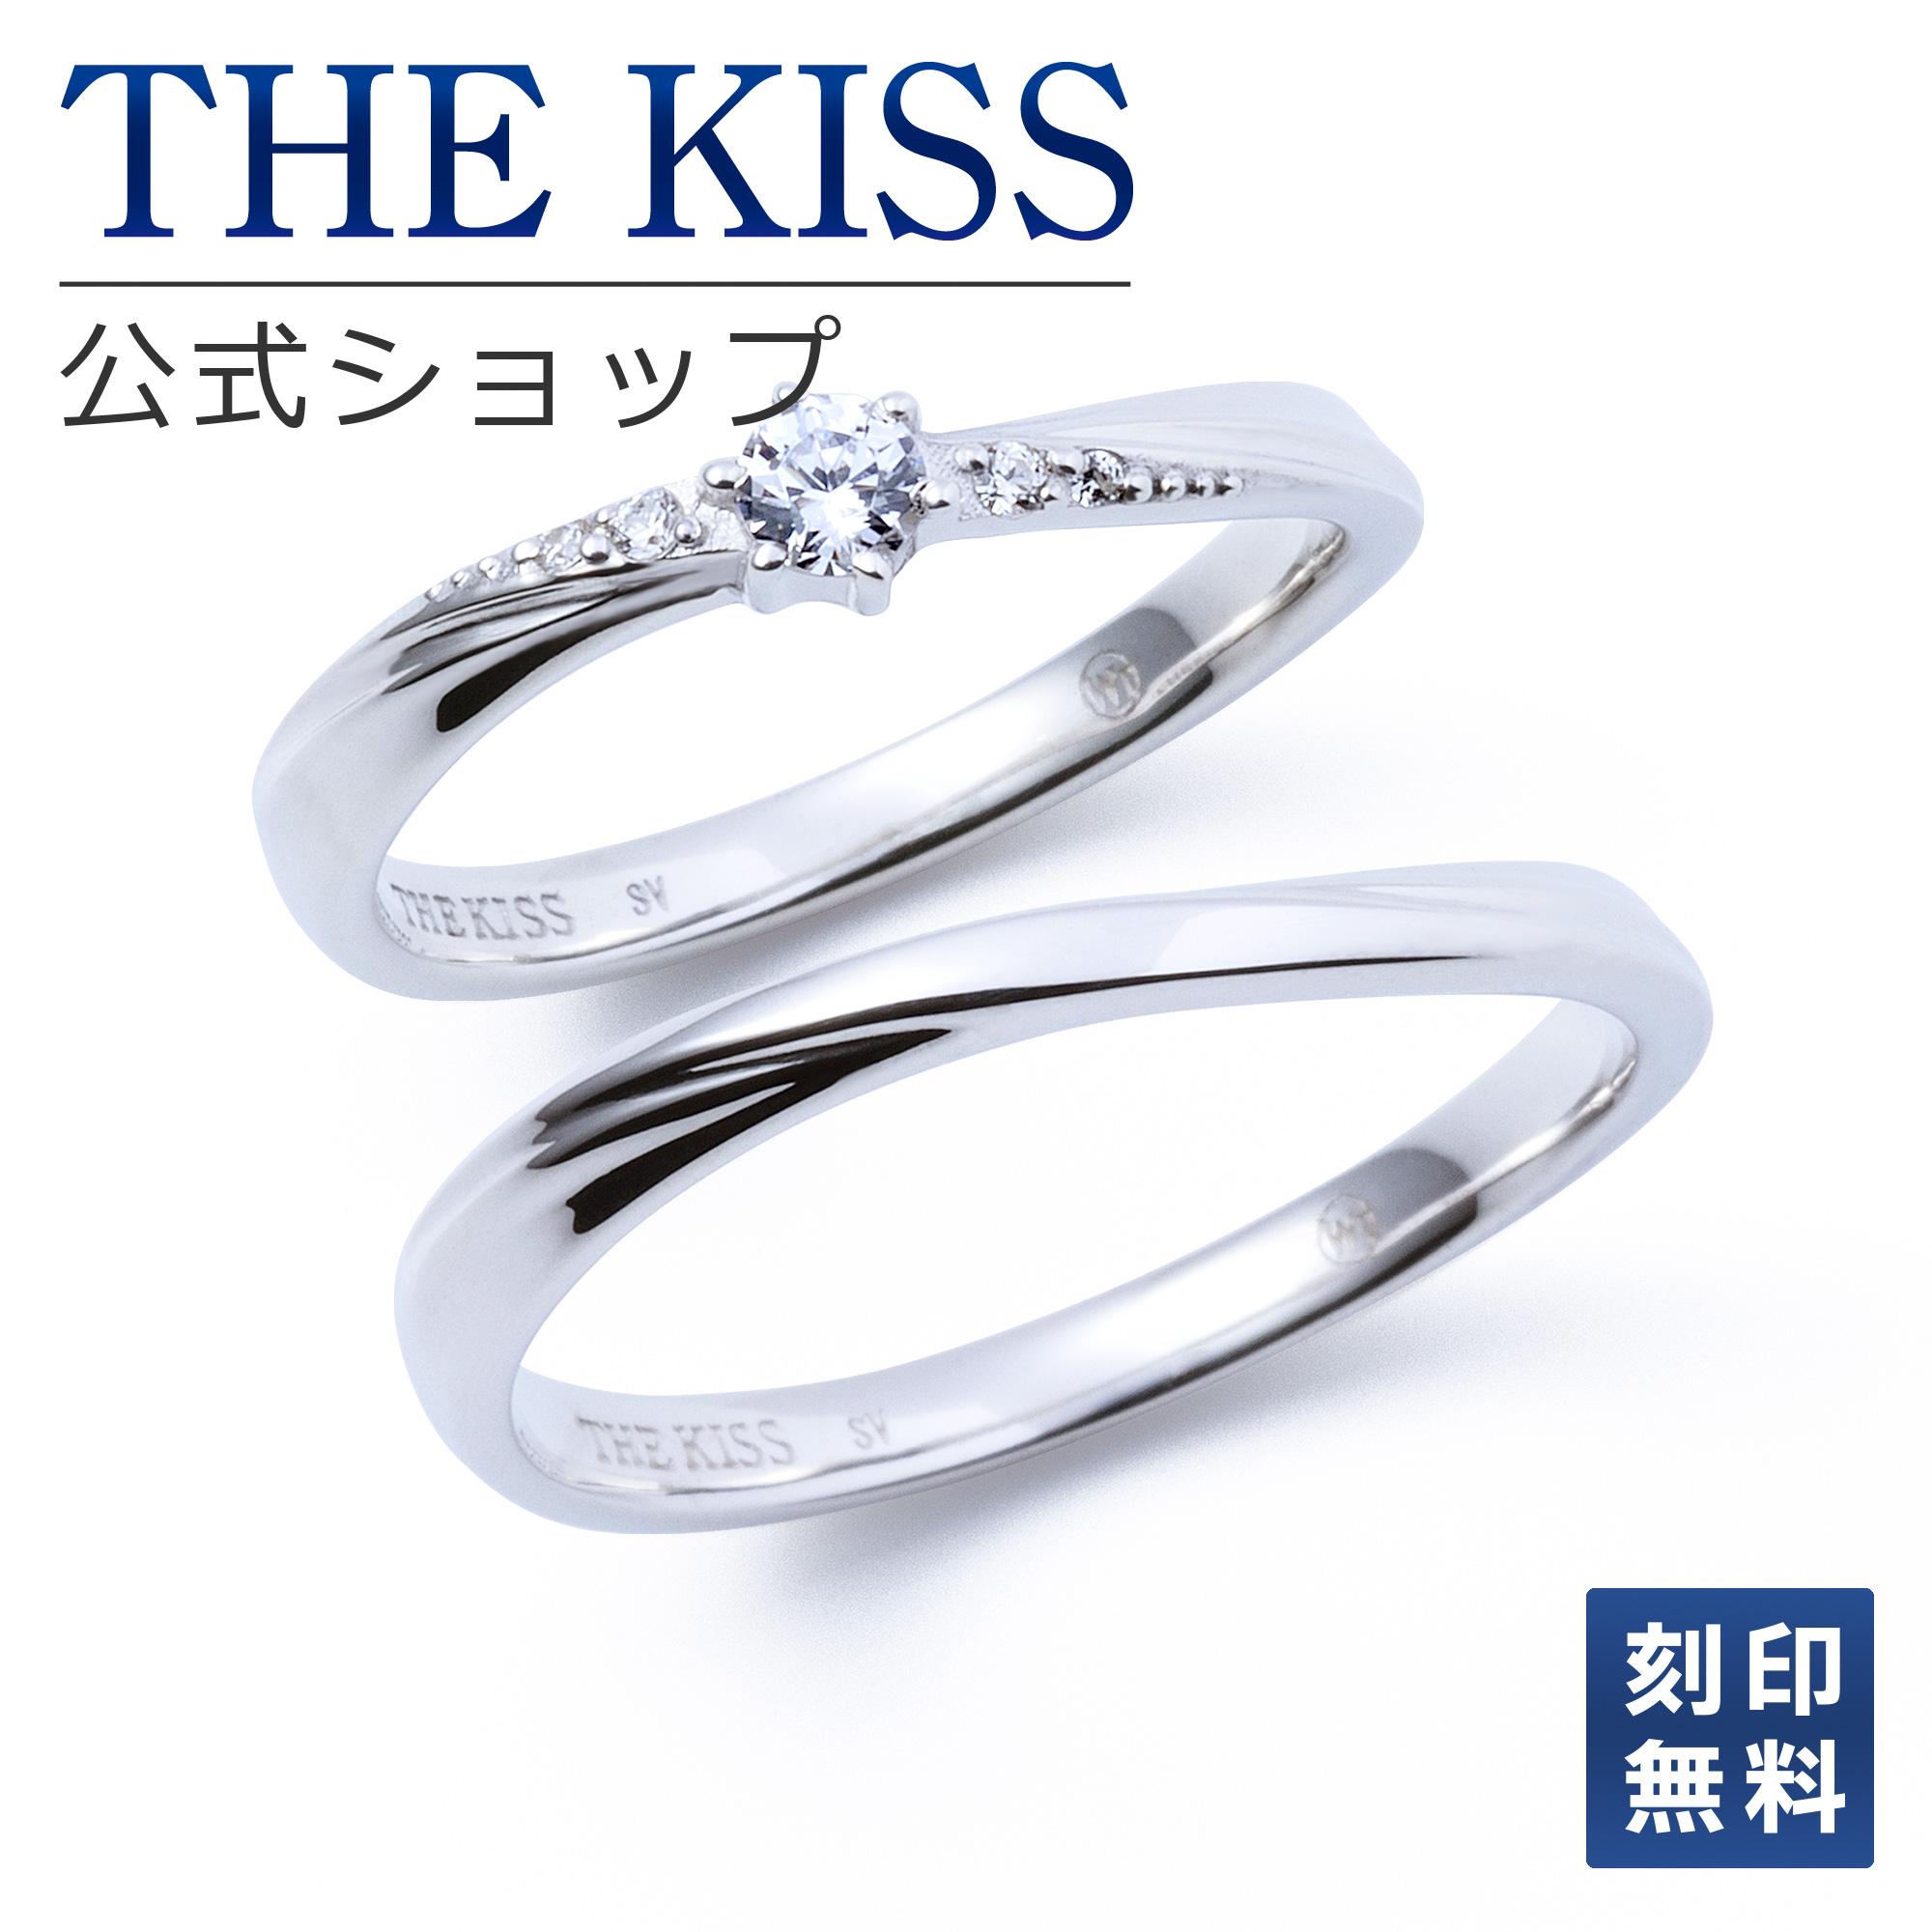 【刻印可_3文字】【あす楽対応】THE KISS 公式サイト シルバー ペアリング ダイヤモンド ペアアクセサリー カップル に 人気 の ジュエリーブランド THEKISS ペア リング・指輪 記念日 プレゼント SR1559WUAS-1560 セット シンプル ザキス 【送料無料】